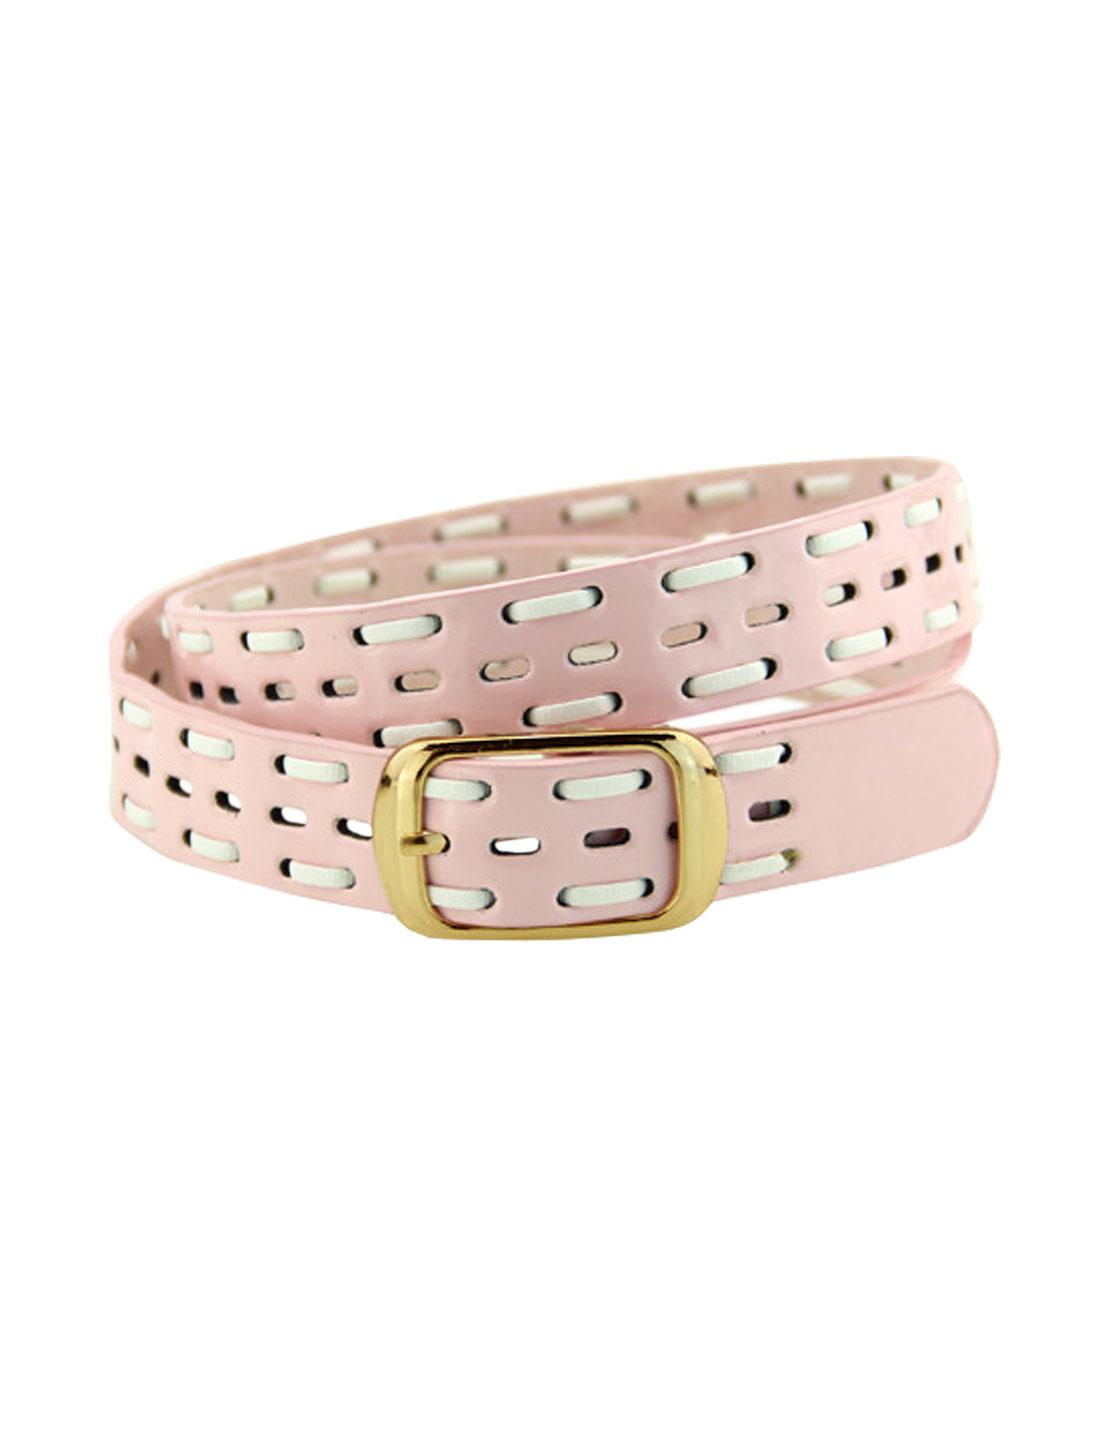 Women Single Pin Buckle Braided Hollow Out PU Waist Belt Pink